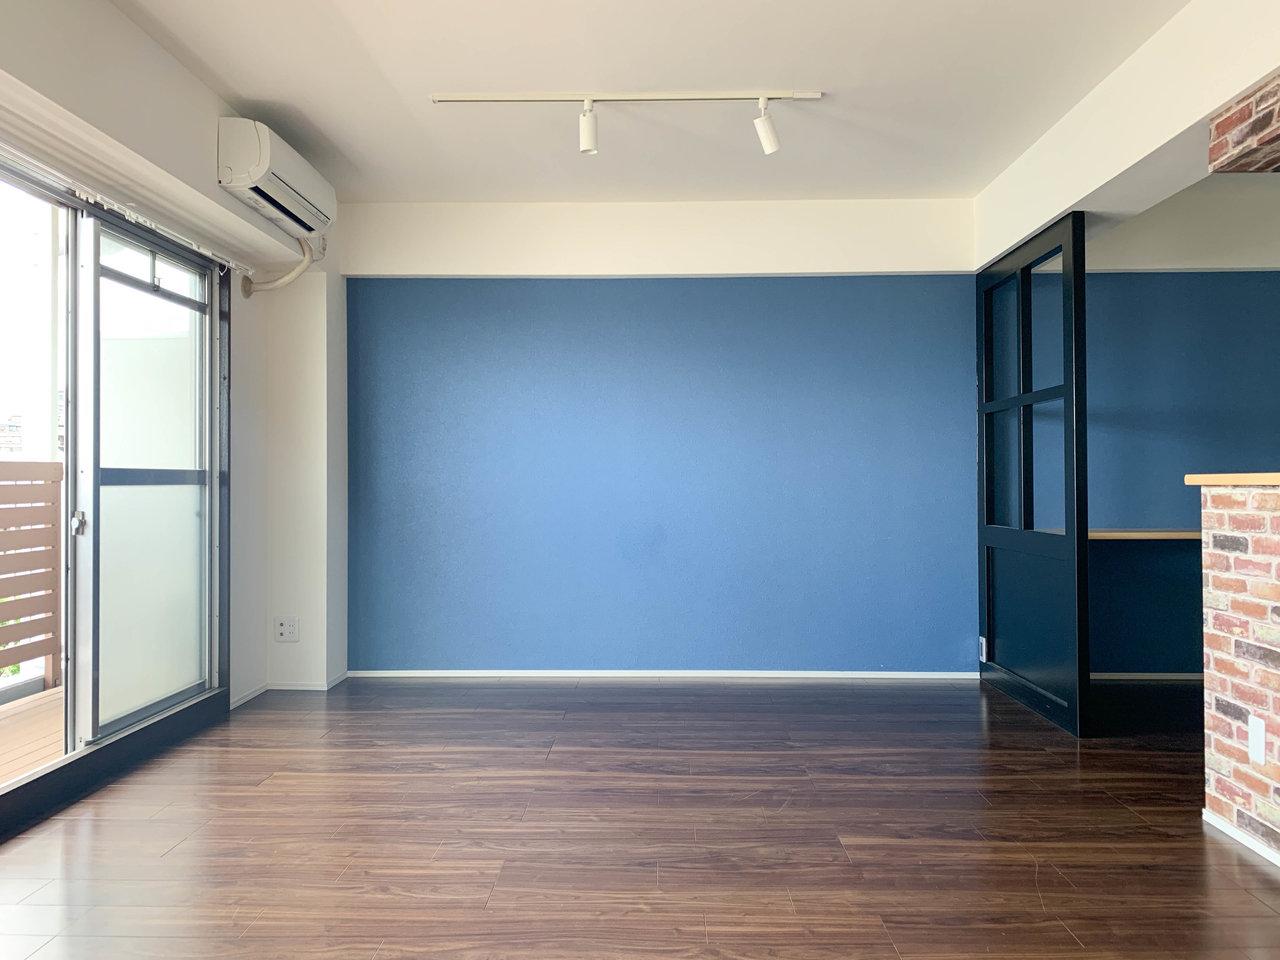 つくし野駅から徒歩20分。少し遠いですが、50㎡以上のゆとりのある部屋での生活が叶います。築年数は少し経っている建物ですが、リノベーションされているので、そこまで古さは気になりません。深いブルーの壁紙もアクセントになっていいですよね。